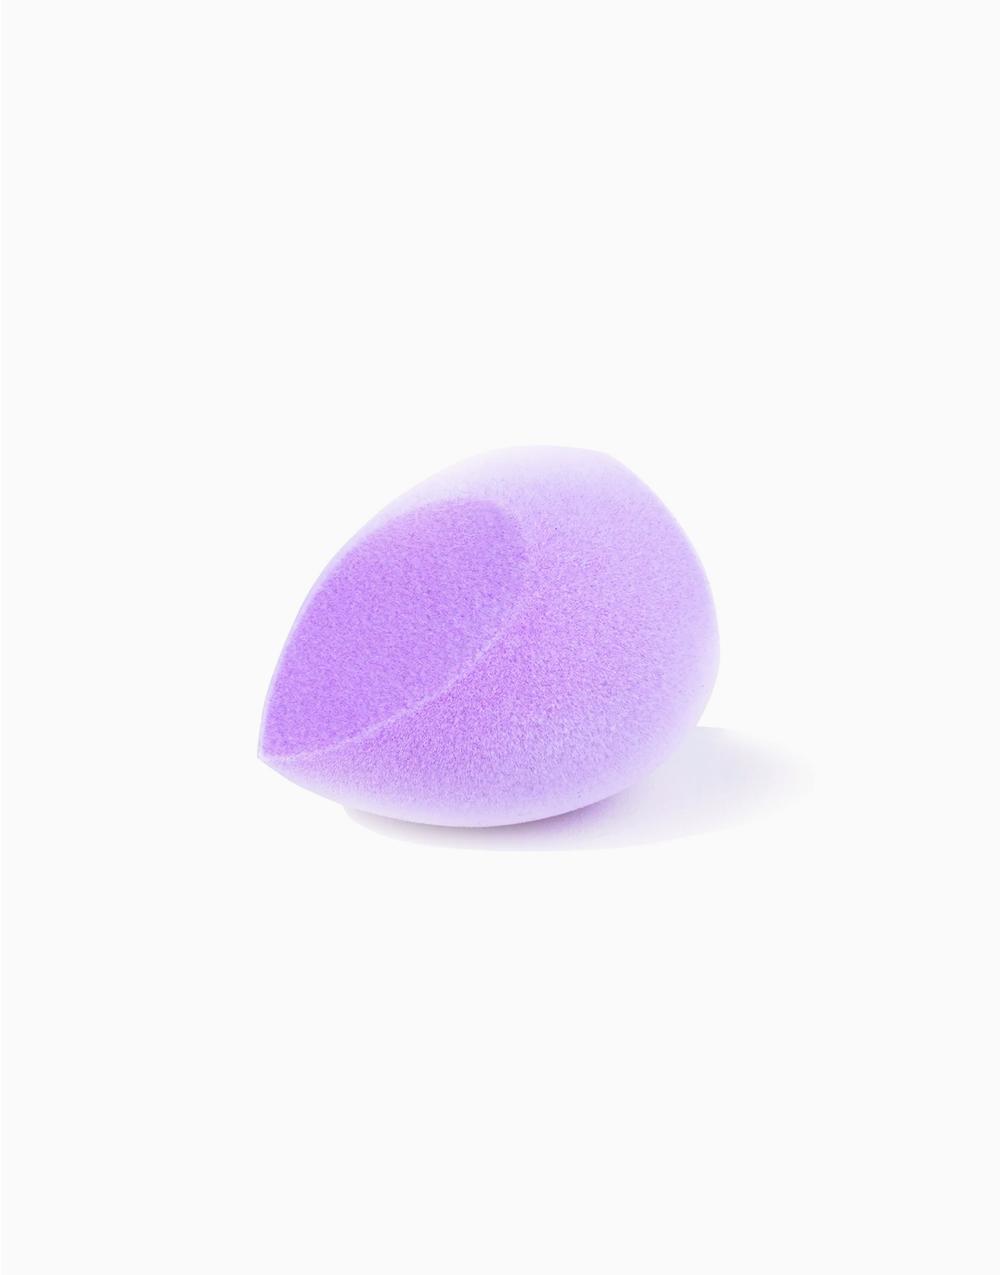 Microfiber Velvet Sponge in Lavender by Juno & Co